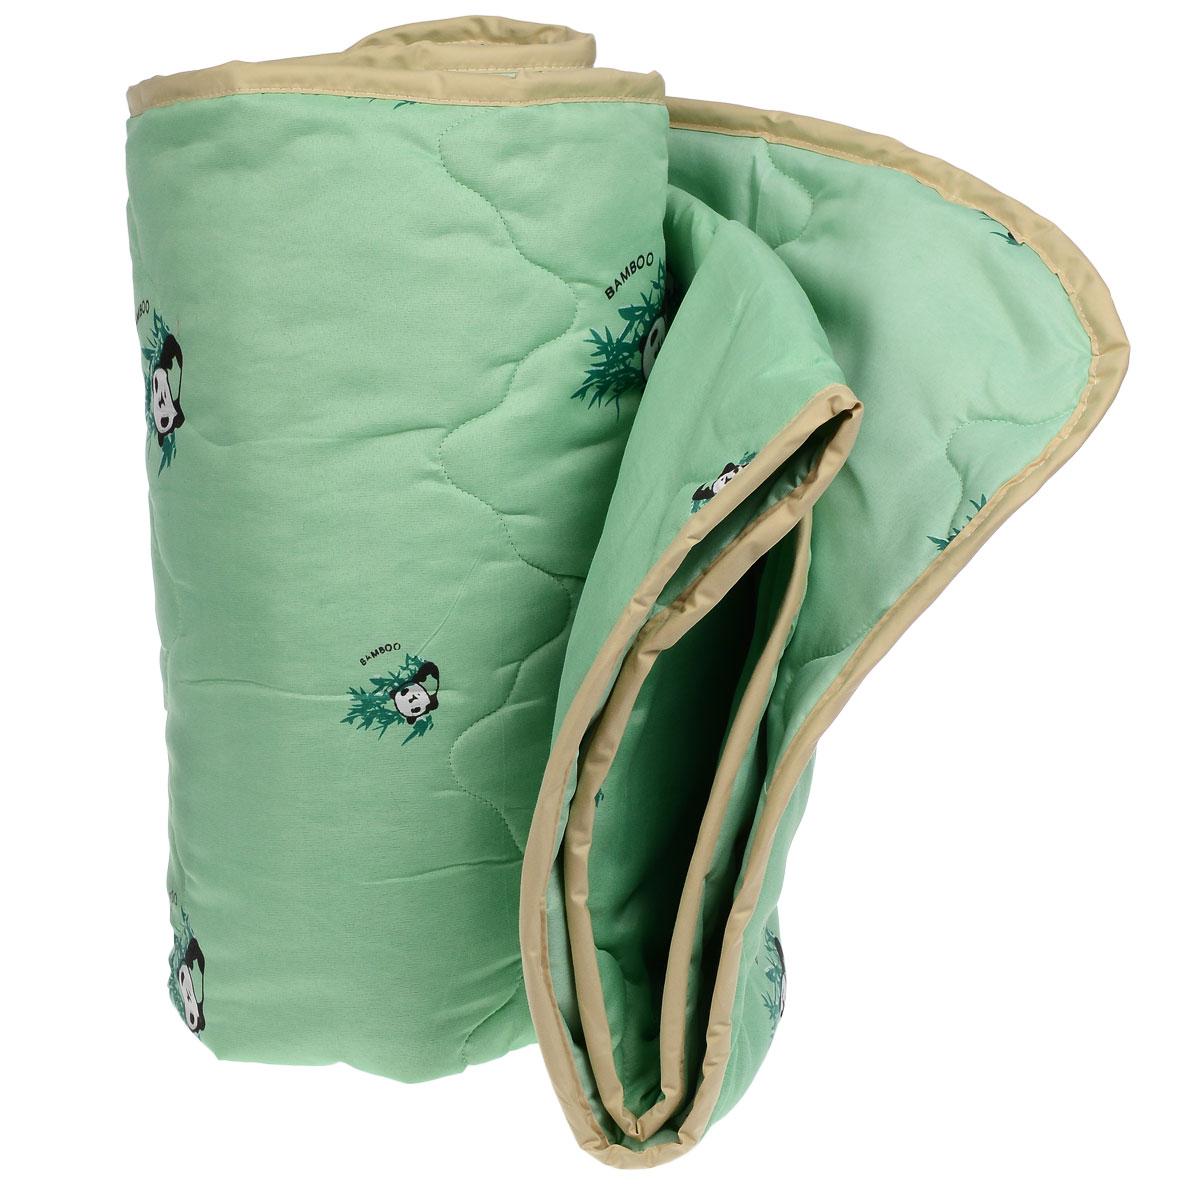 Одеяло всесезонное OL-Tex Бамбук, наполнитель: волокно бамбука, цвет: зеленый, 172 х 205 смМБПЭ-18-3 зеленый, бамбукВеликолепное всесезонное одеяло OL-Tex Бамбук подарит вам ни с чем несравнимую мягкость и согреет в холодное время года. При этом одеяло невероятно легкое: под ним также не будет жарко летом. Одеяло из коллекции Бамбук создано с использованием натурального и экологически чистого бамбукового волокна. Чехол одеяла зеленого цвета выполнен из 100% полиэстера и оформлен принтом с изображением бамбука и панды. Эксклюзивная стежка и атласный кант по краю придают изделию красивый внешний вид. Натуральная, экологически чистая основа бамбукового волокна обладает природными антибактериальными и дезодорирующими свойствами, останавливает рост и развитие бактерий, препятствует появлению неприятных запахов. Эти качества сохраняются даже после многократных стирок. Идеально подходит людям, страдающим аллергией и астмой. Основные свойства бамбукового наполнителя: - отличная воздухопроницаемость и впитывающие свойства, - дезодорирующие и бактерицидные свойства, ...